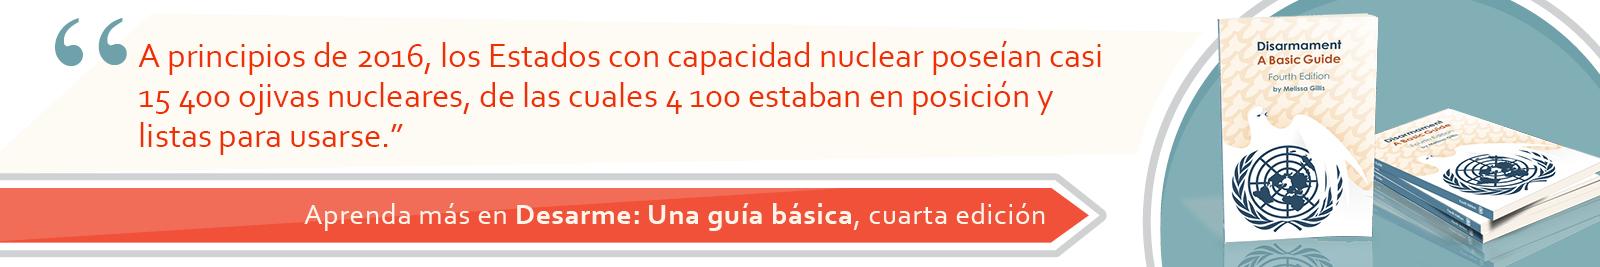 3. A principios de 2016, los Estados con capacidad nuclear poseían casi 15 400 ojivas nucleares, de las cuales 4100 estaban en posición y listas para usarse.